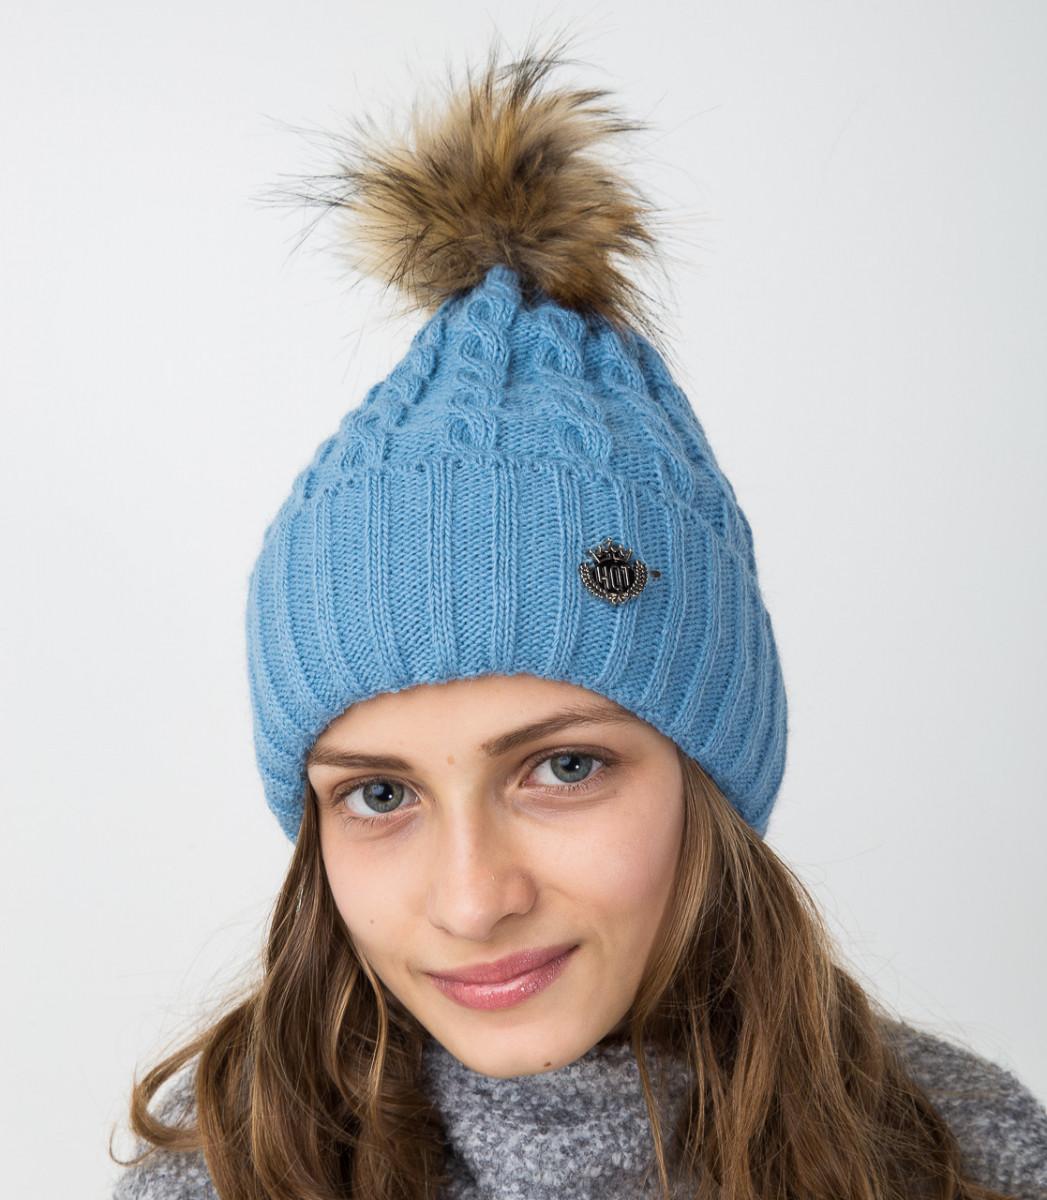 Голубая вязанная шапка с меховым помпоном для девочек - Артикул 2122-5